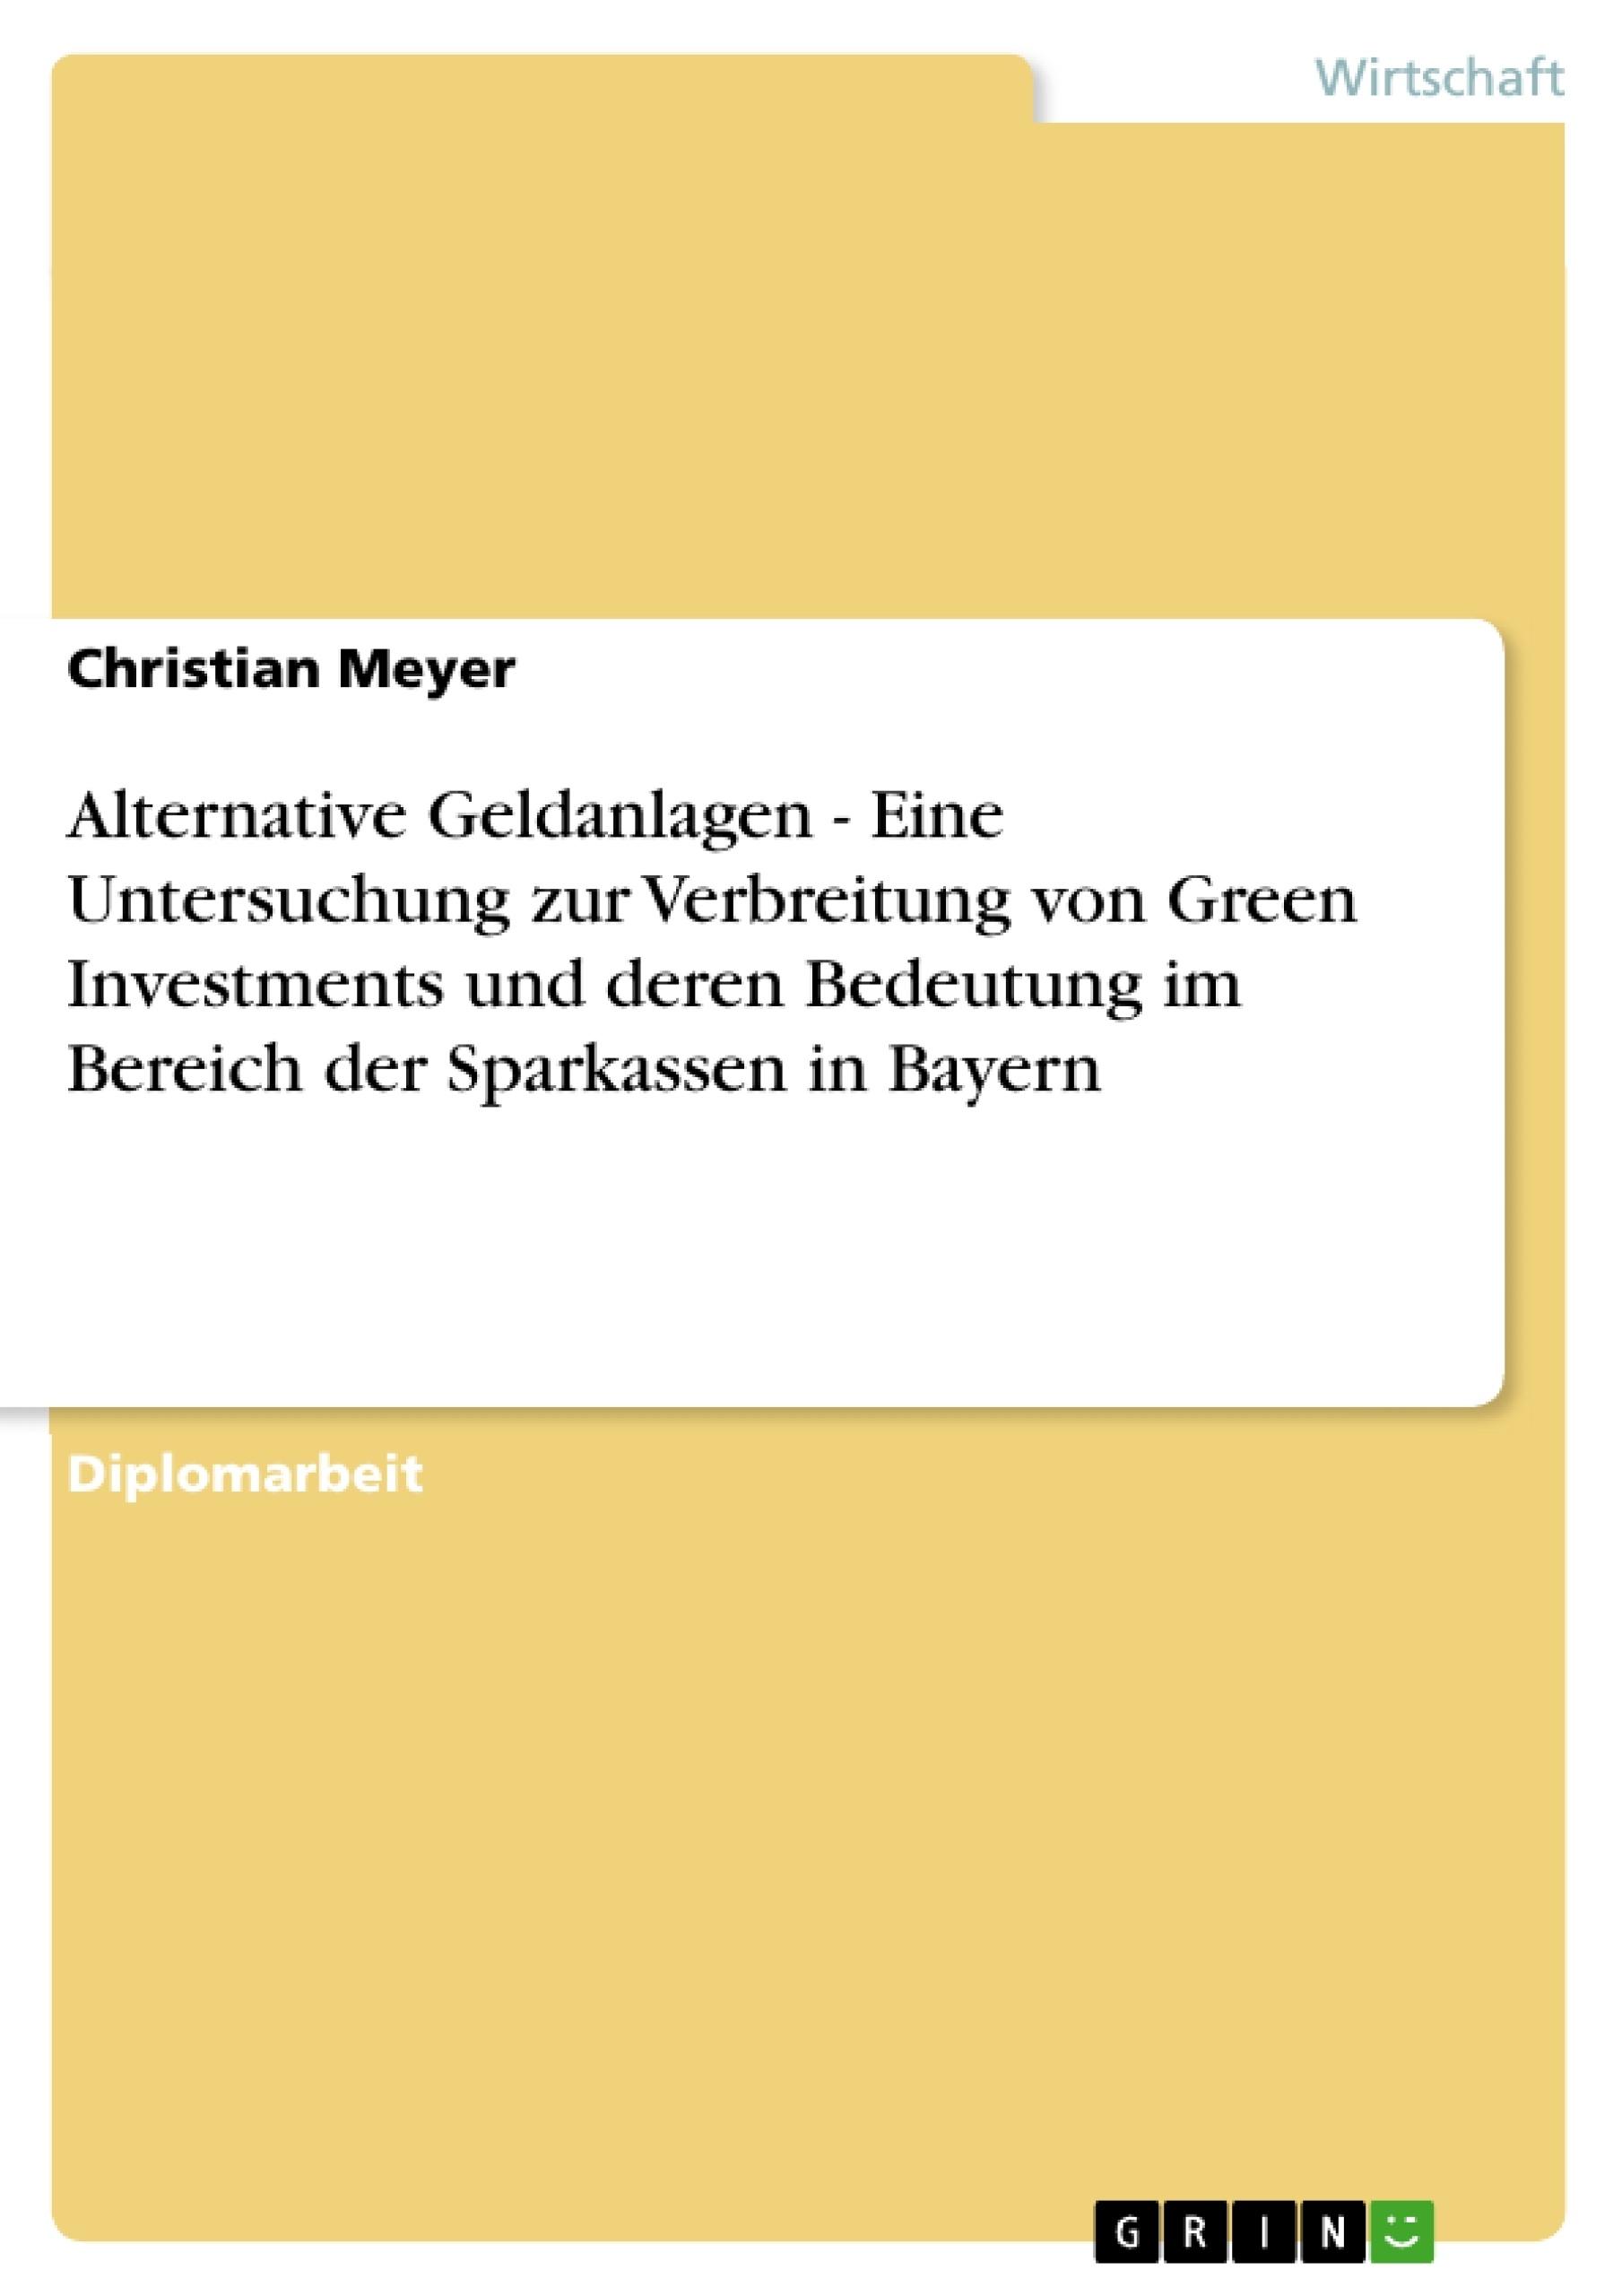 Titel: Alternative Geldanlagen - Eine Untersuchung zur Verbreitung von Green Investments und deren Bedeutung im Bereich der Sparkassen in Bayern